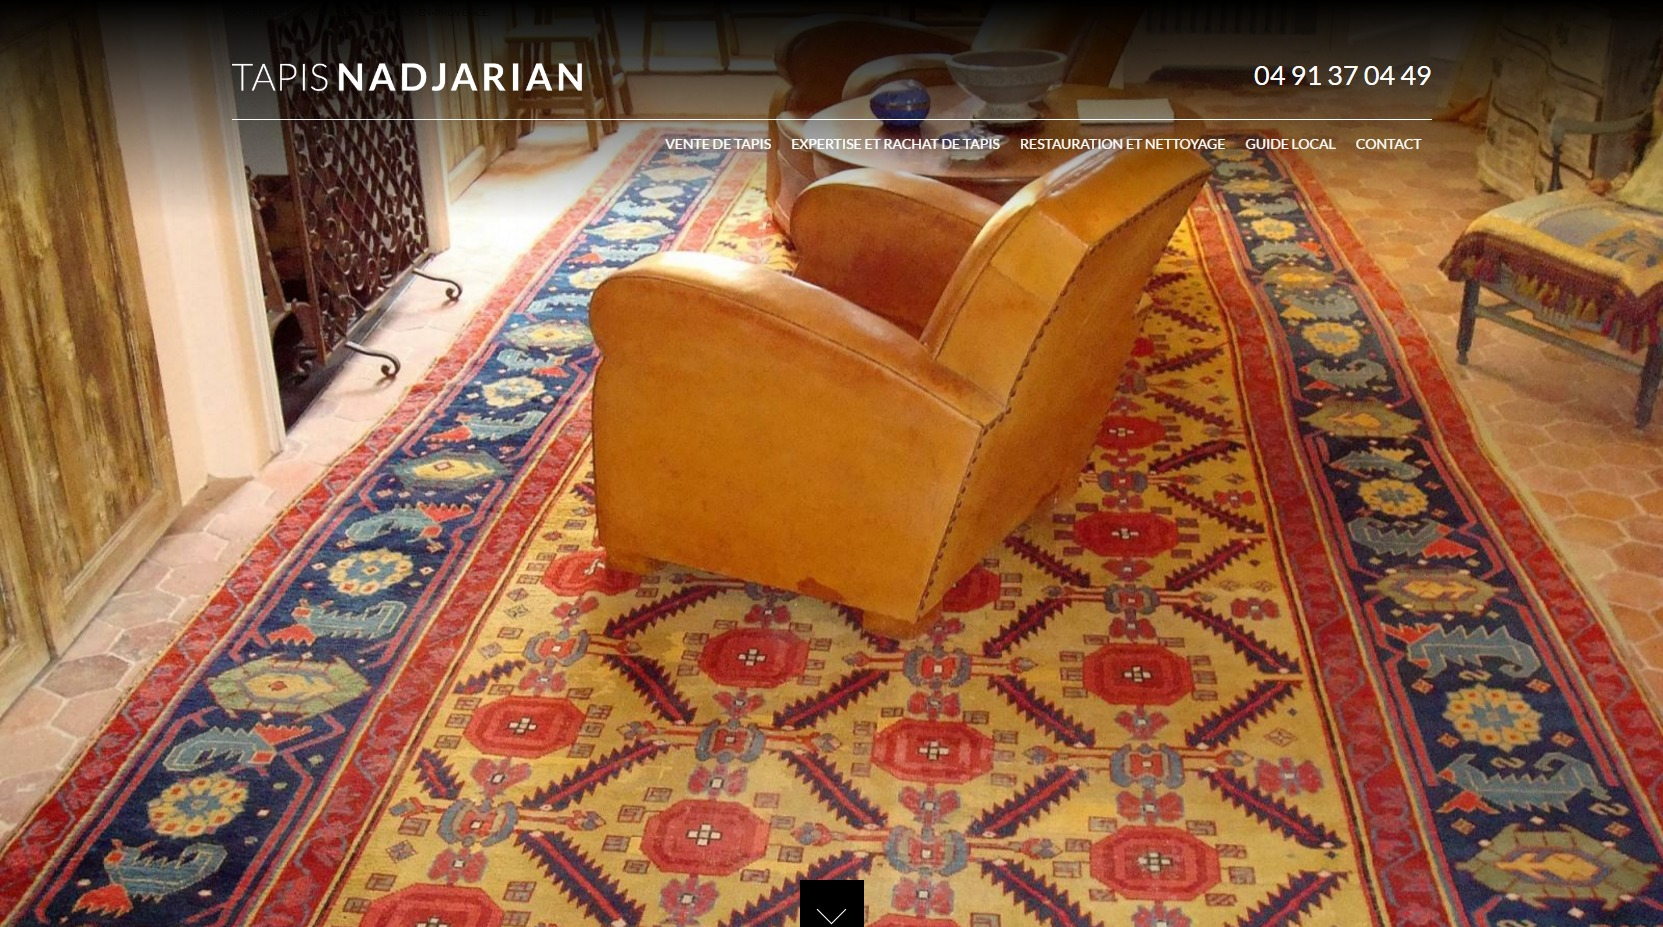 Vente de tapis persan ancien à marseille